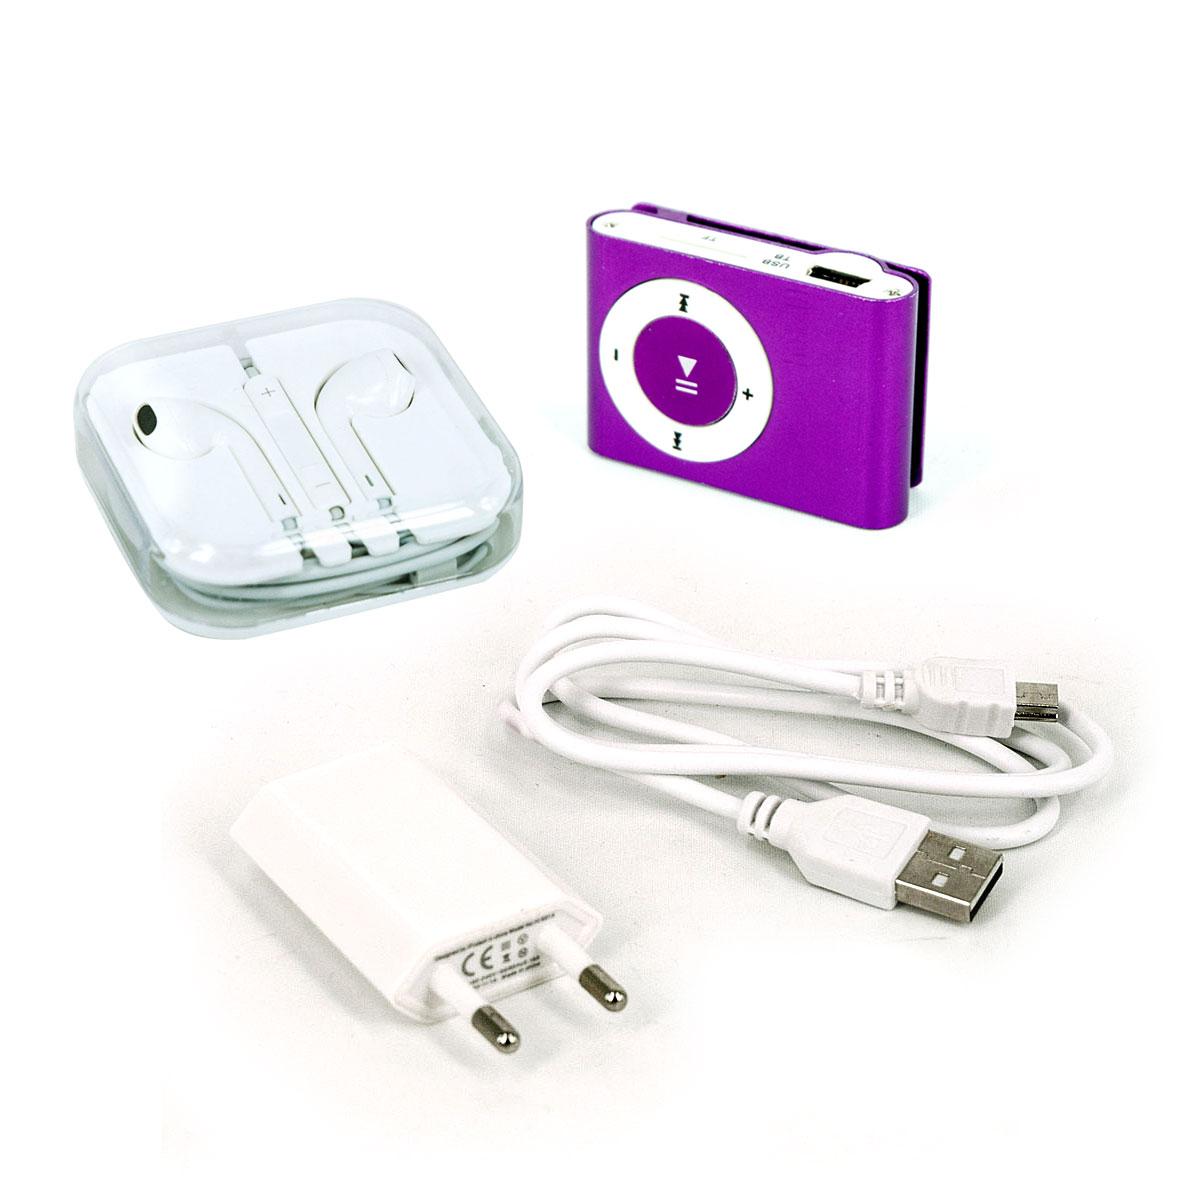 iProtect Mini Clip MP3 Player, In-Ear-Kopfhörer, Slimcharger, Ladekabel lila